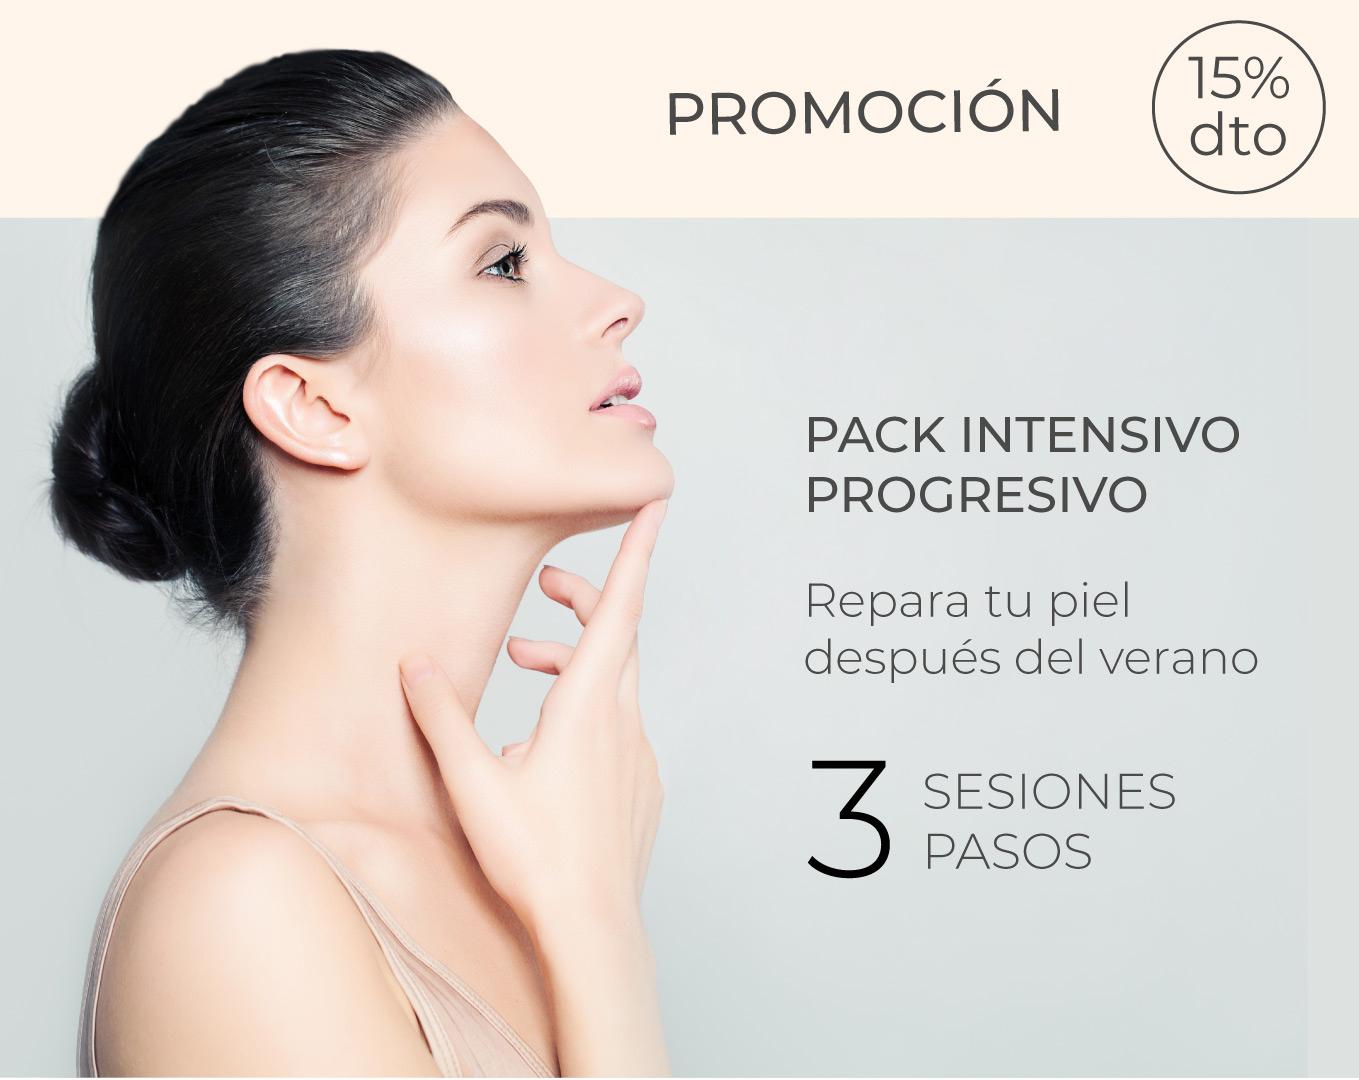 Promoción Pack intensivo progresivo de reparación de la piel post-verano